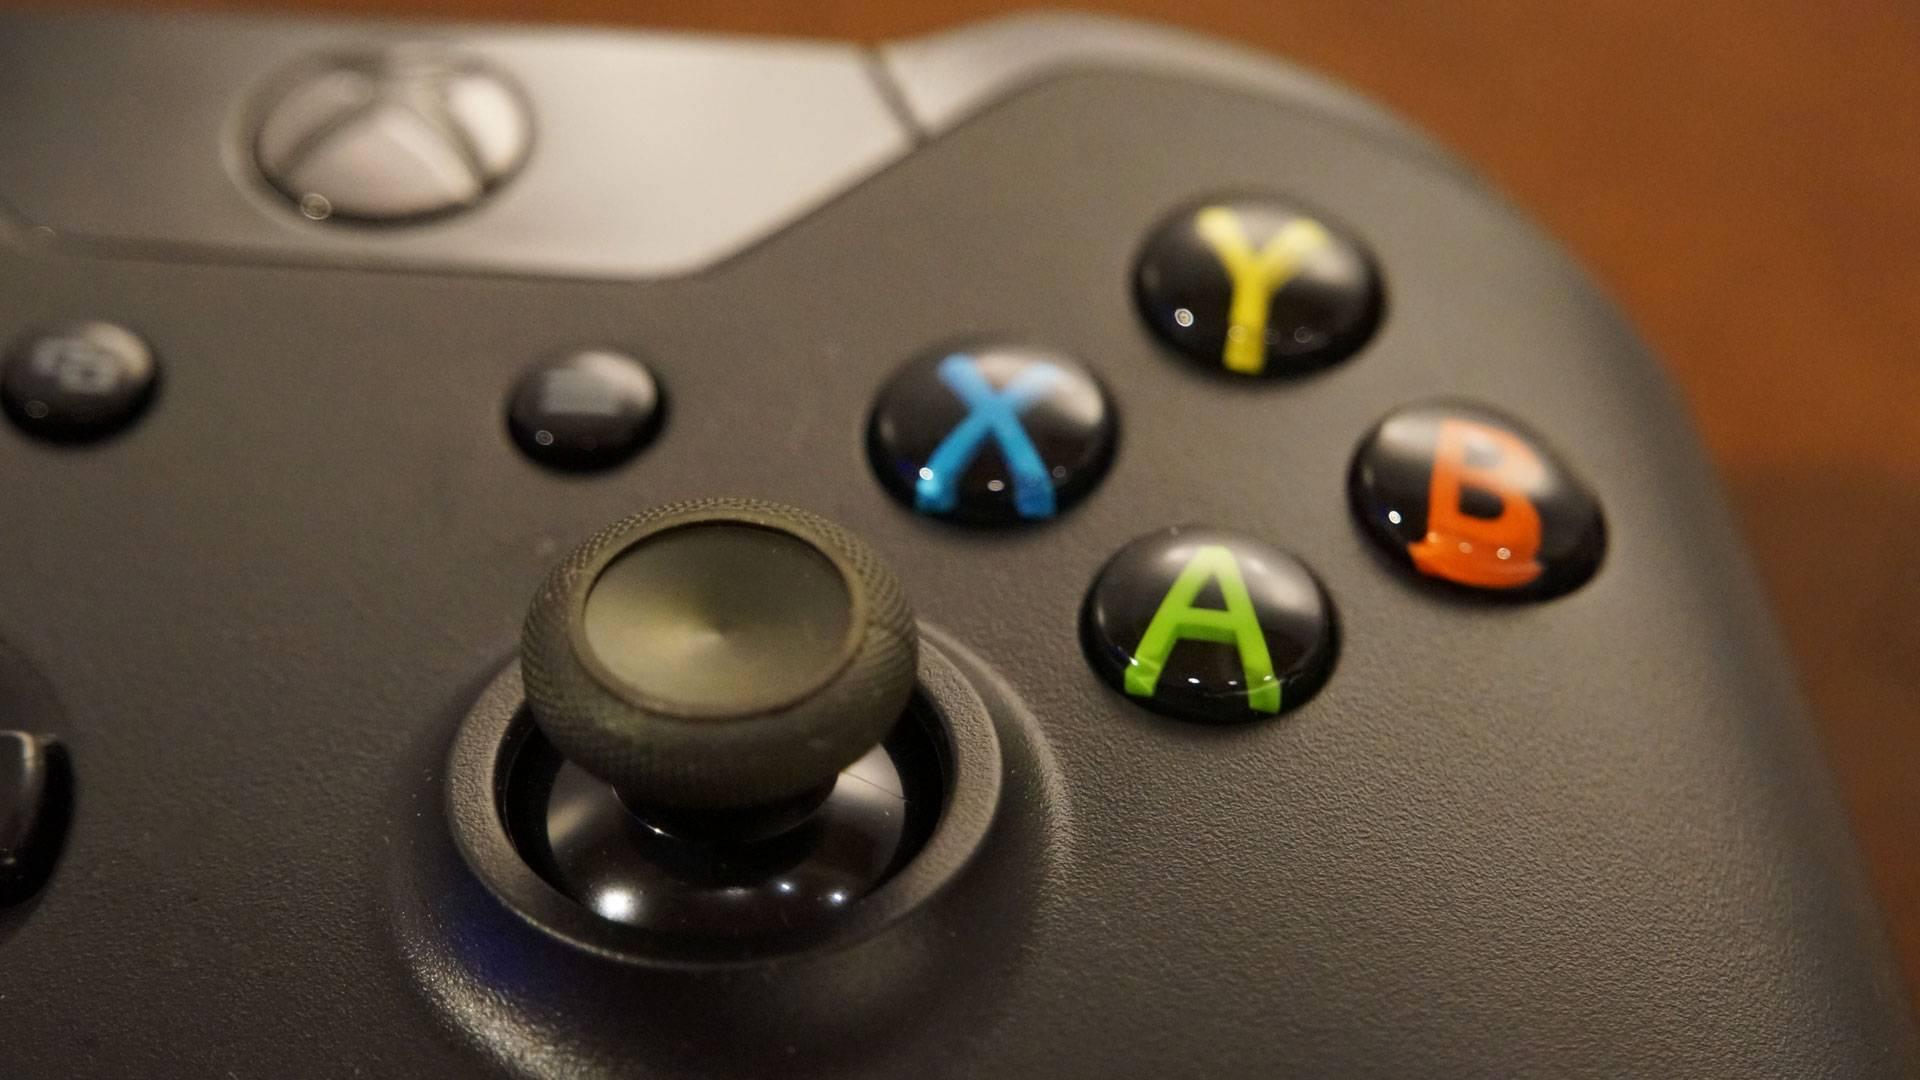 Llegan tres nuevos juegos retrcompatibles a Xbox One